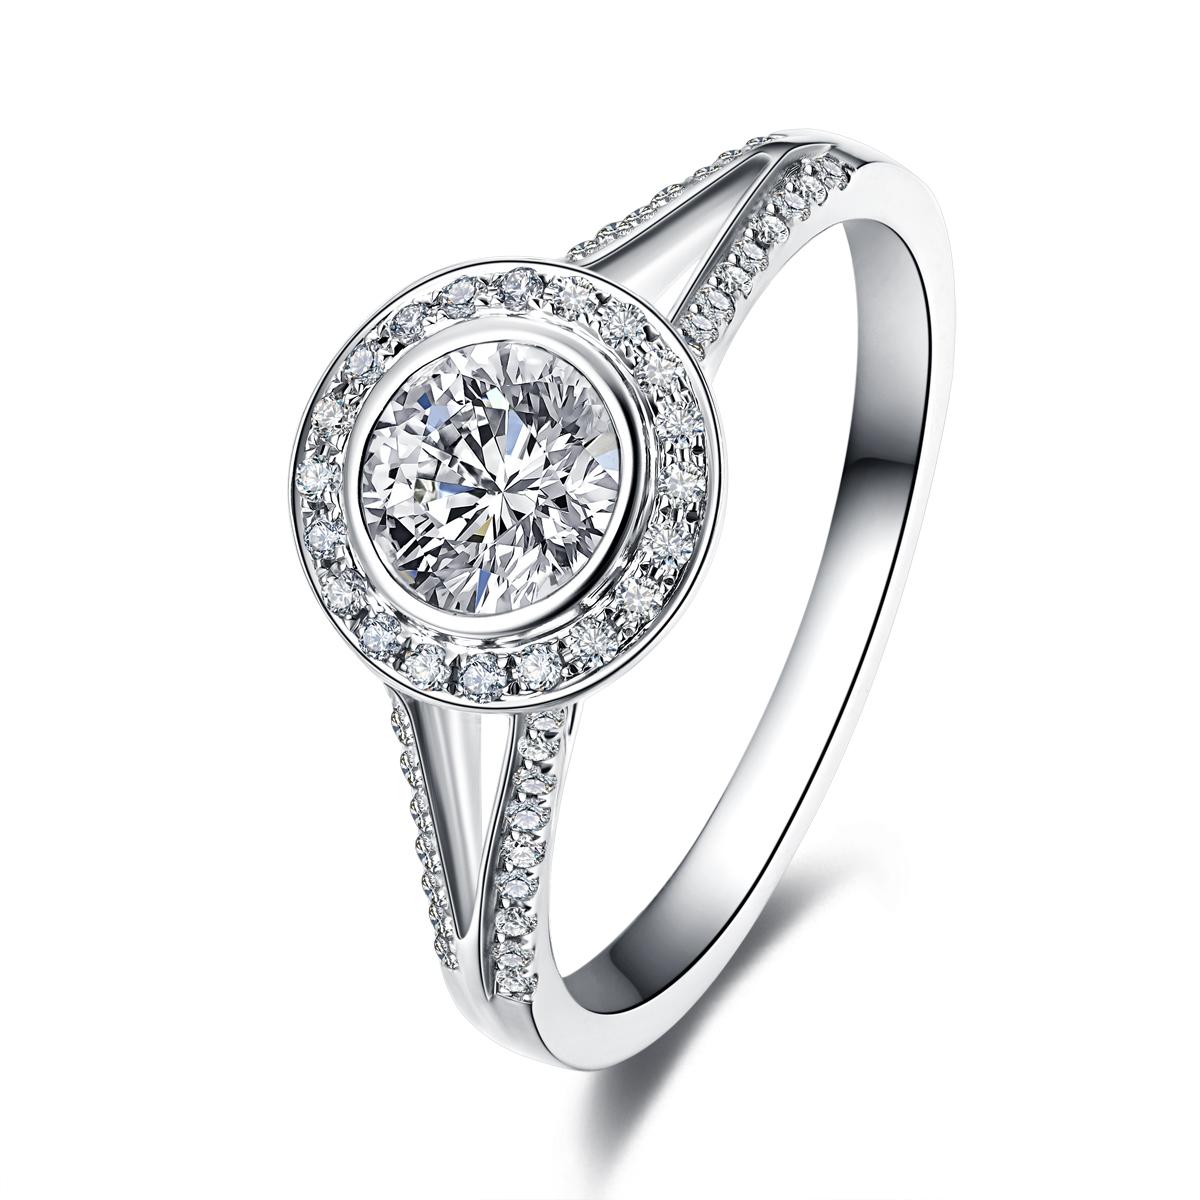 镶嵌钻石到底是铂金好还是黄金好